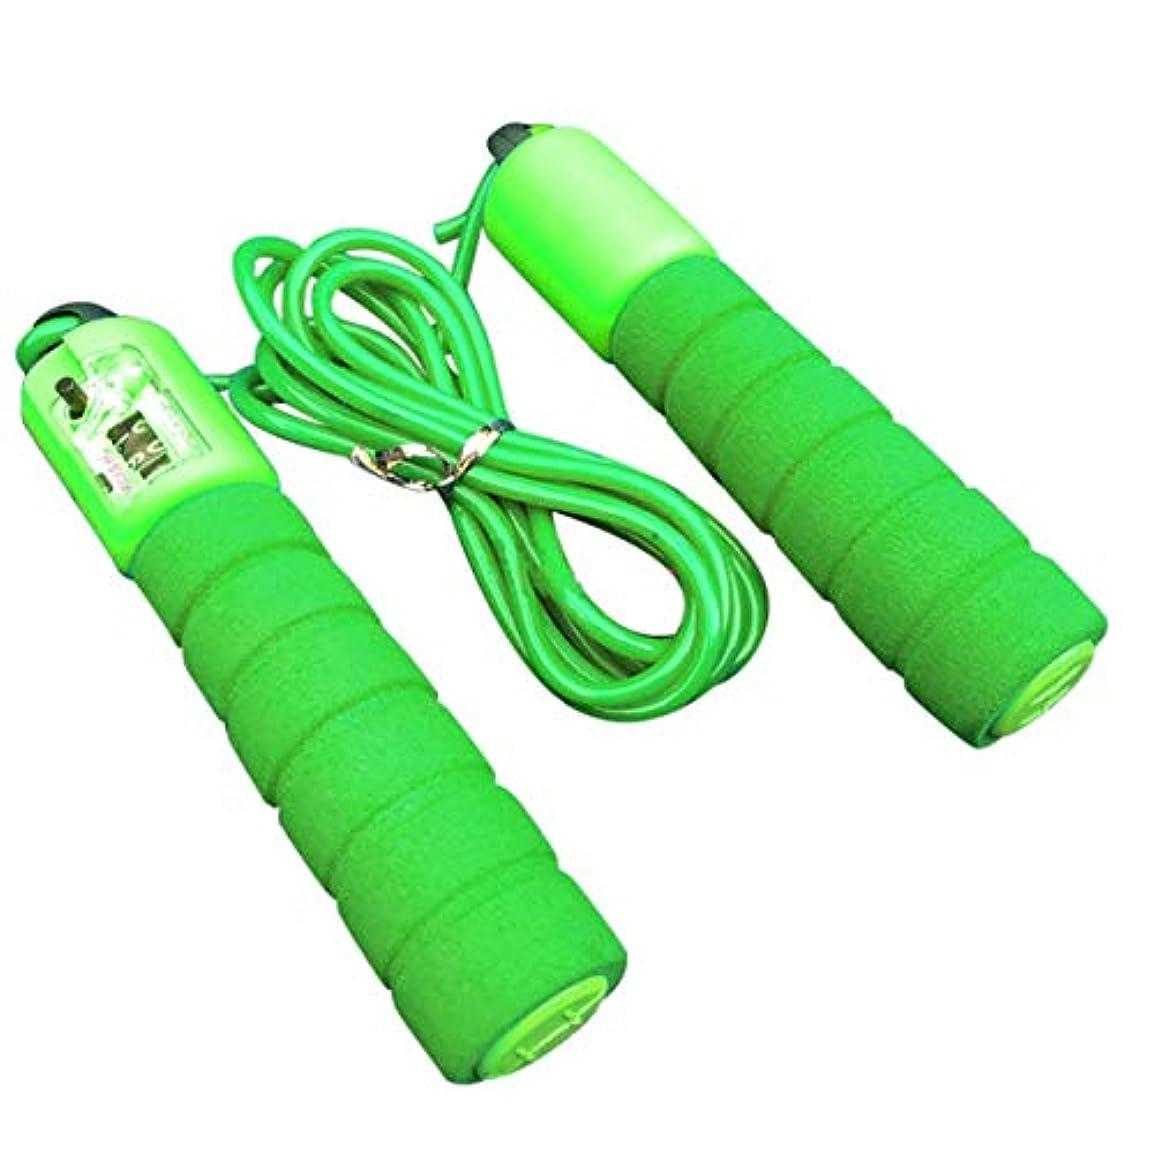 結婚式満足できる割合調節可能なプロフェッショナルカウント縄跳び自動カウントジャンプロープフィットネス運動高速カウントジャンプロープ - グリーン